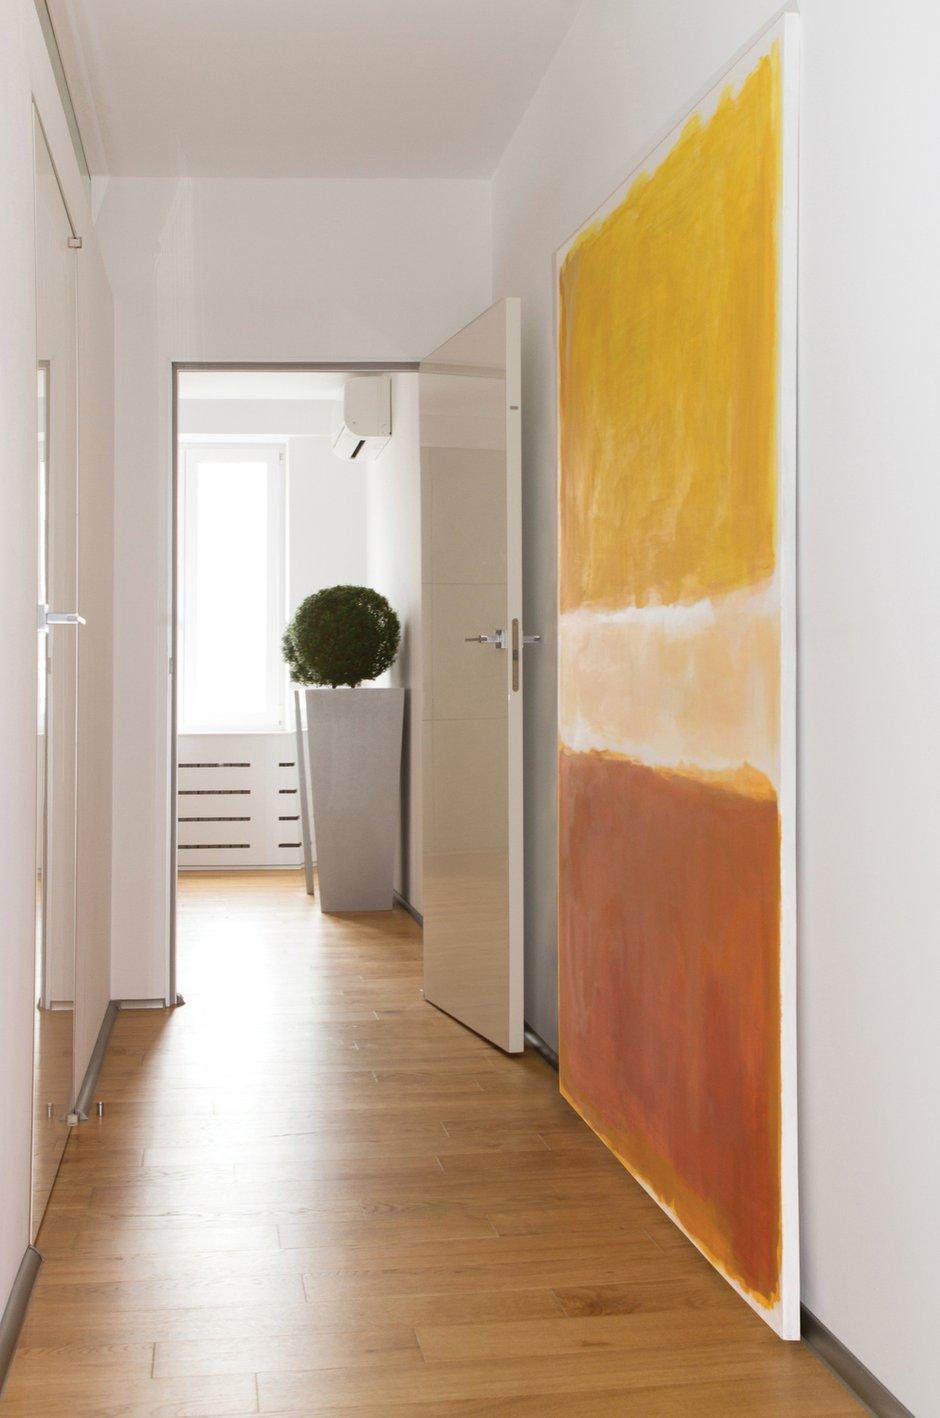 Фотография: Прихожая в стиле Лофт, Квартира, Цвет в интерьере, Дома и квартиры, Белый, Минимализм, Проект недели – фото на INMYROOM